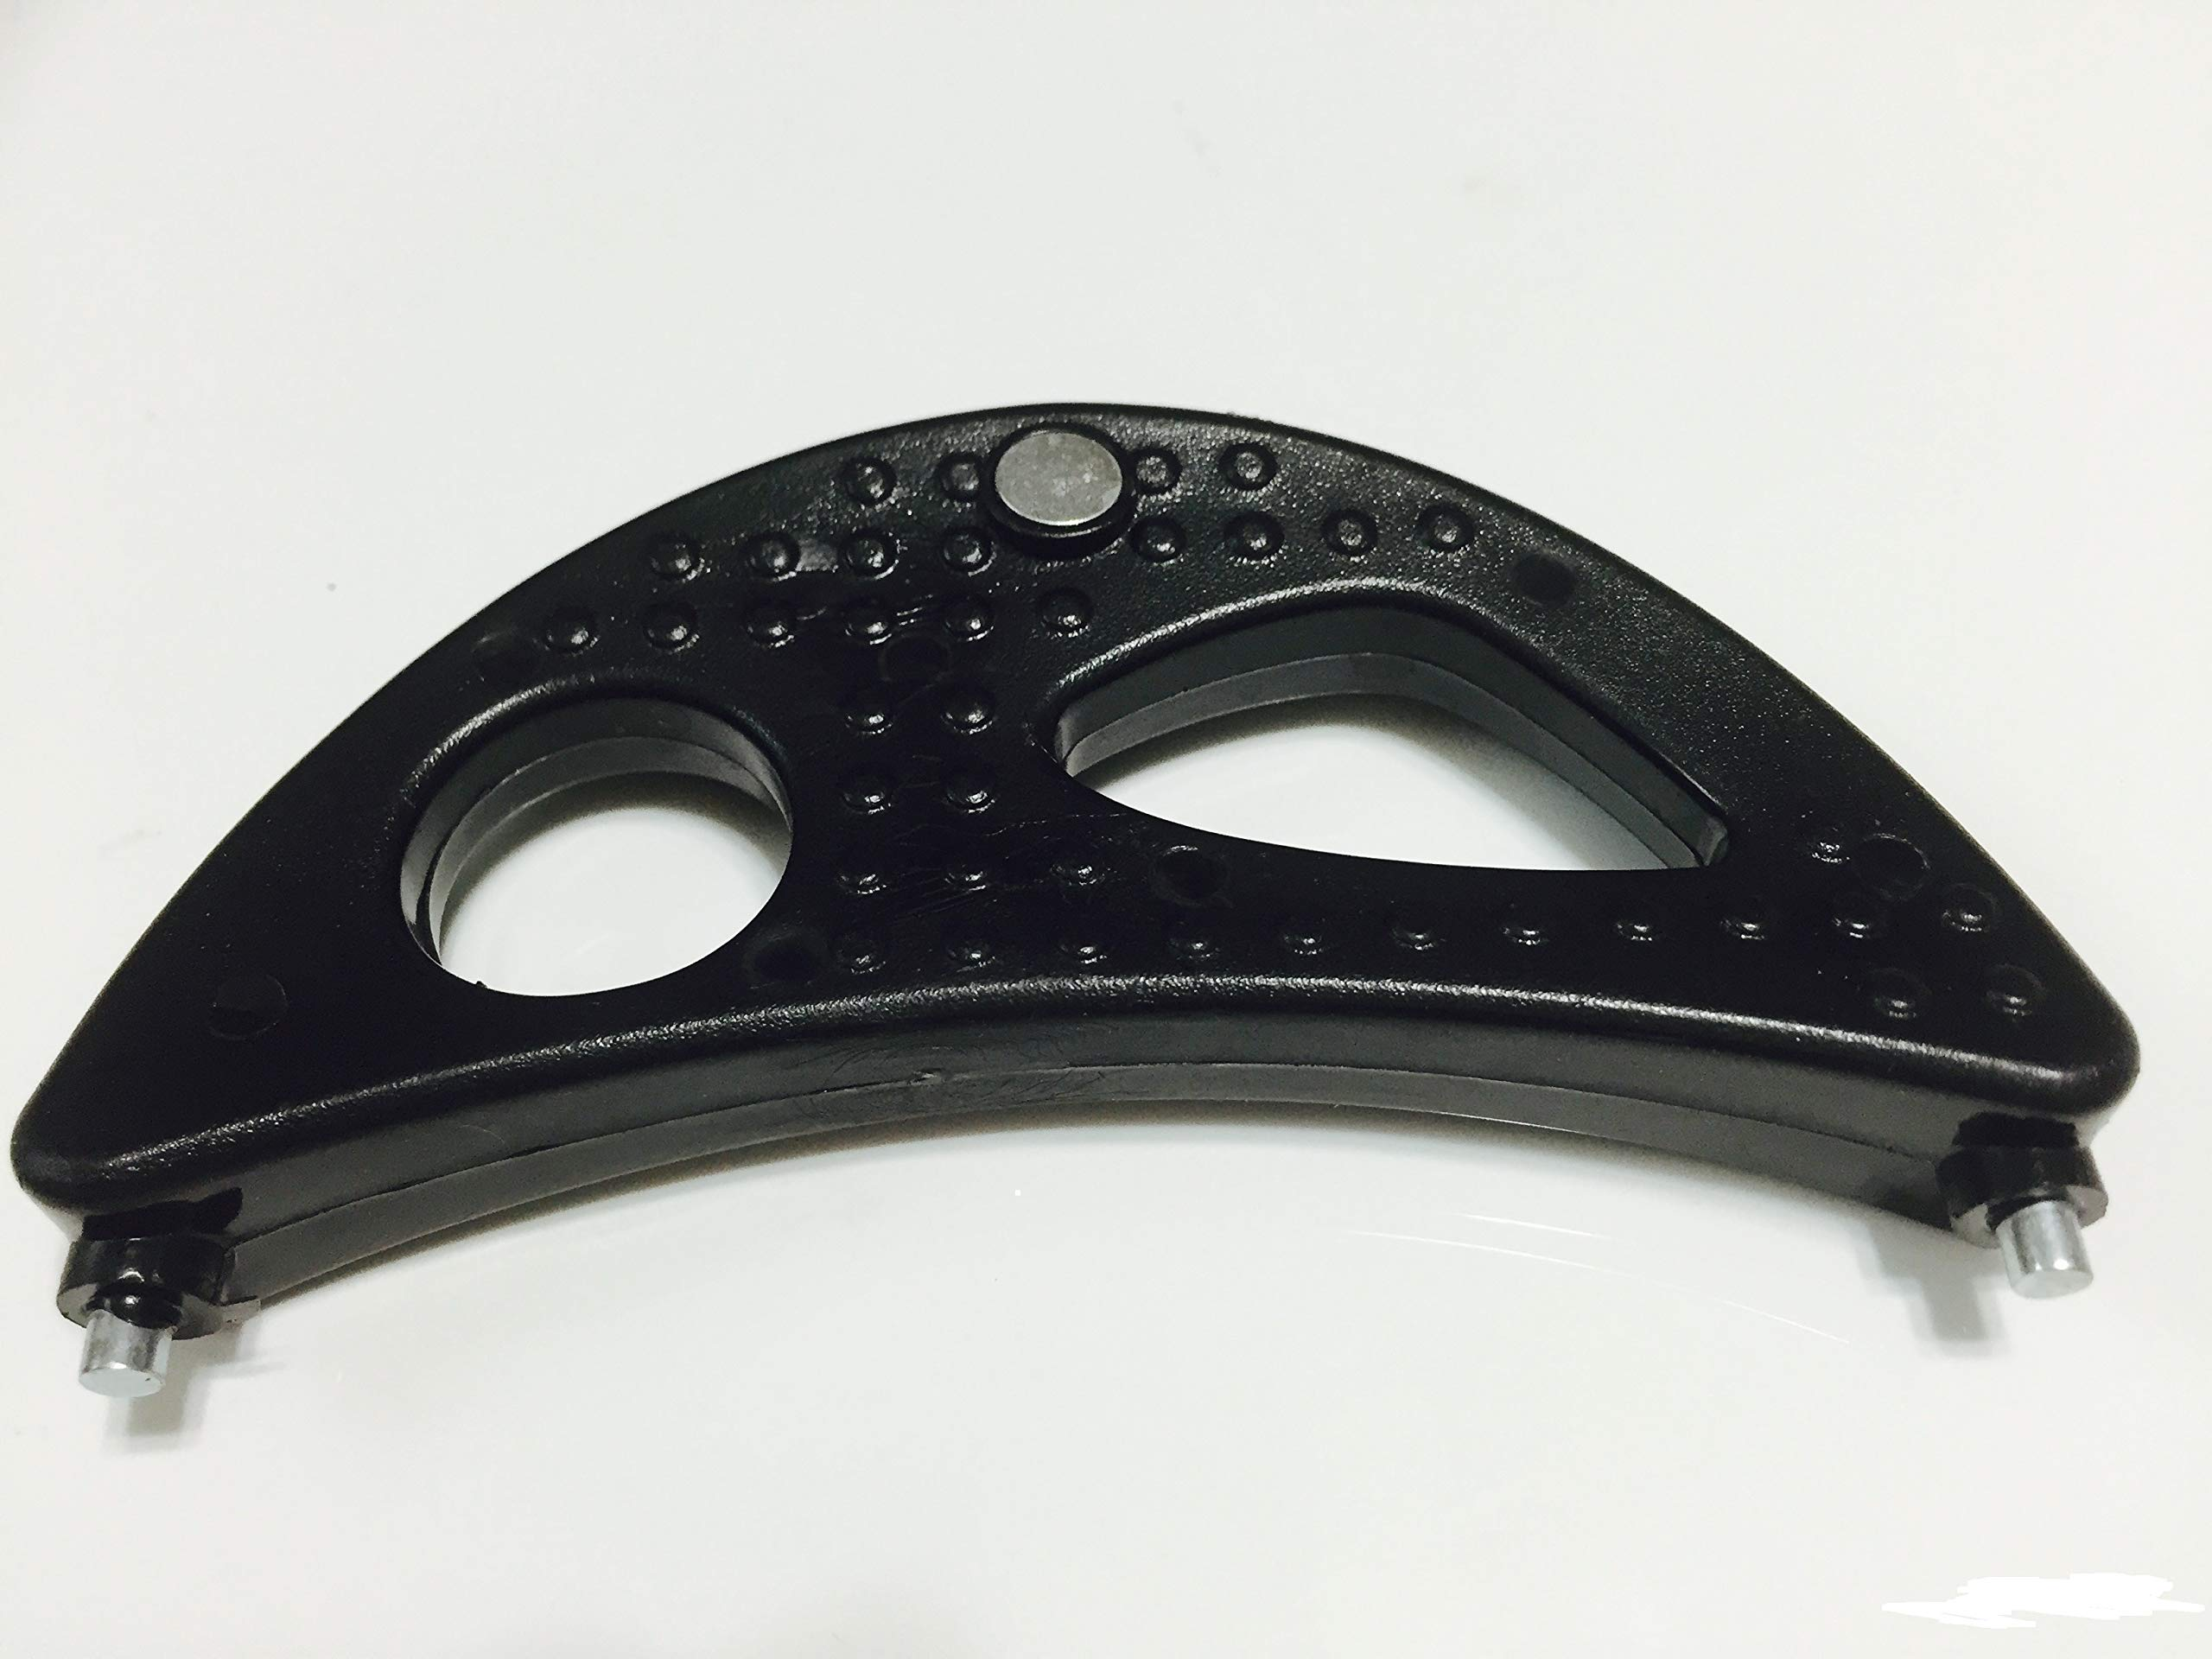 Crescent Tool for Jack Lalanne Power Juicer - Black